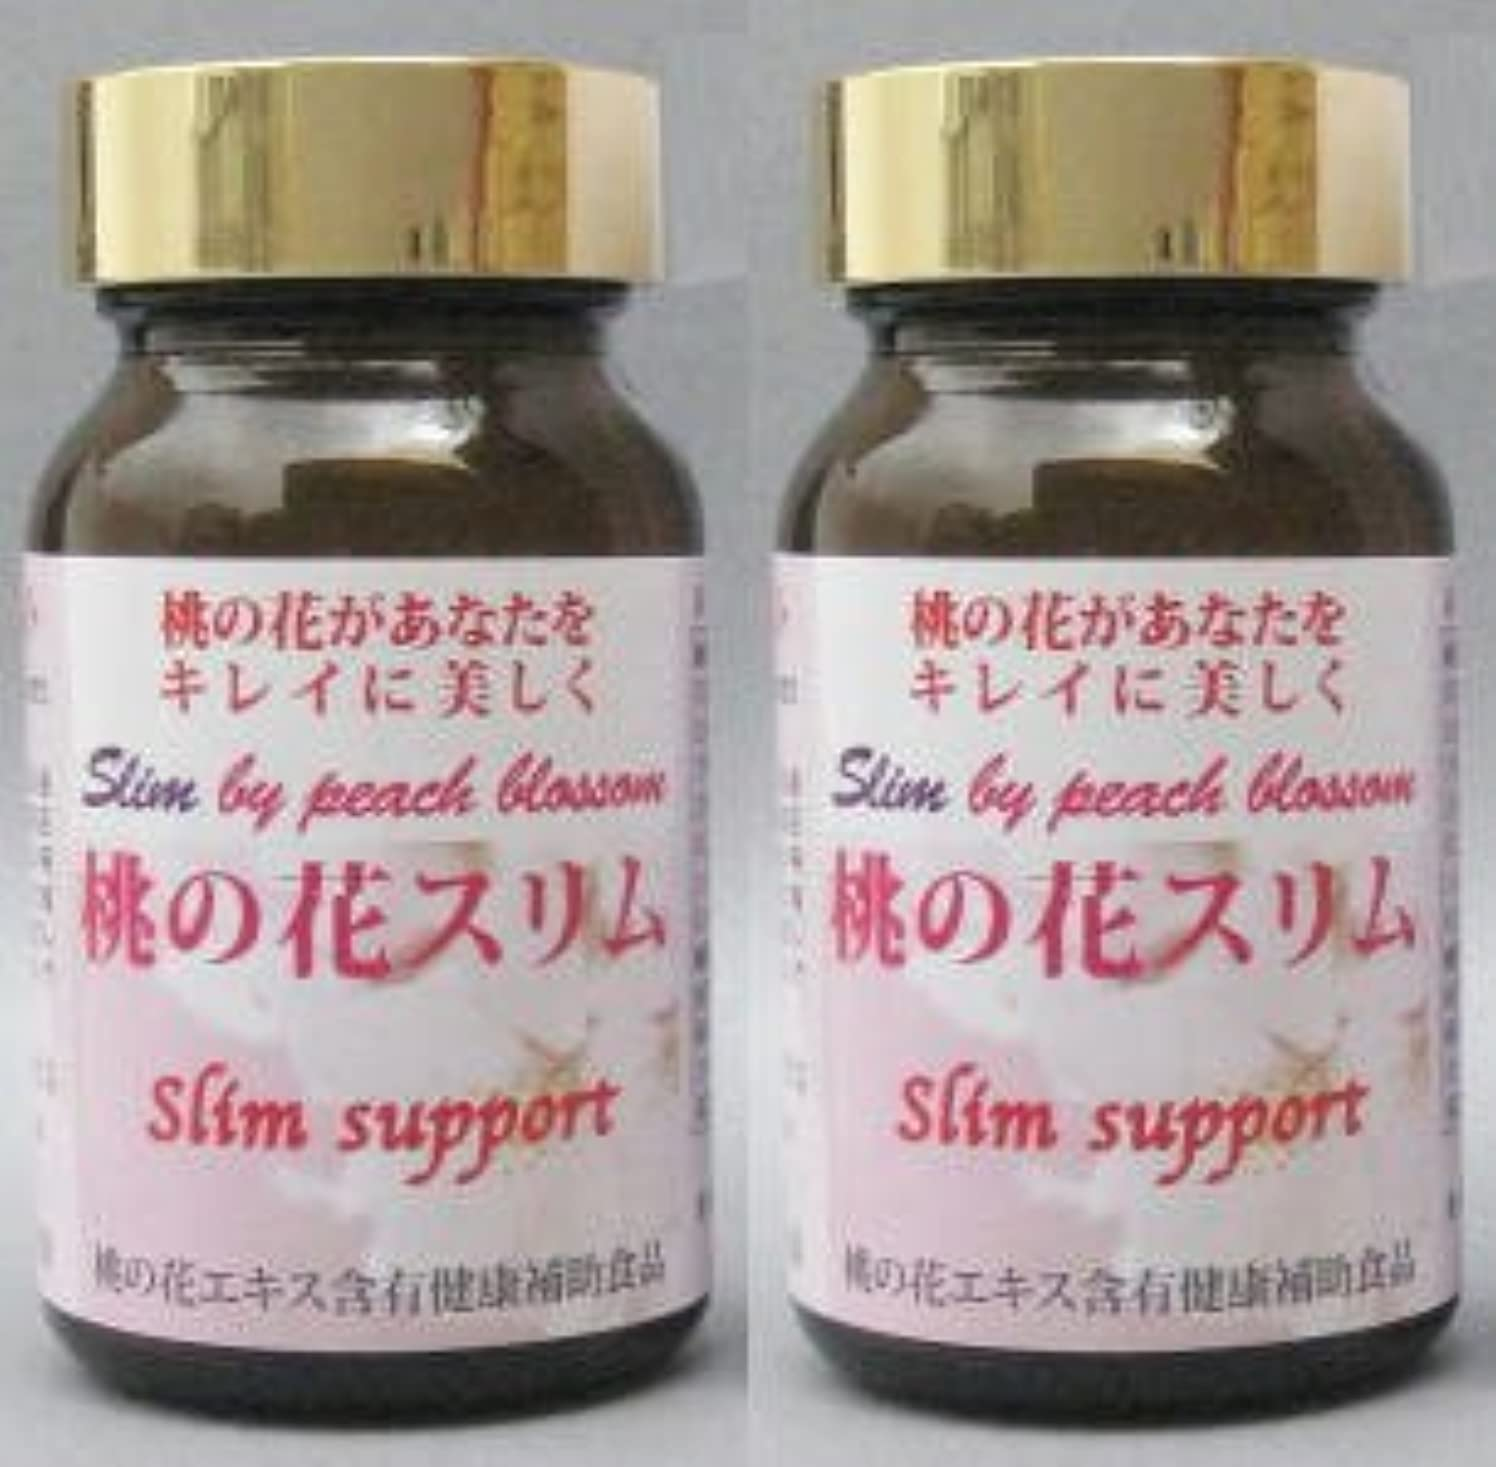 仕事に行く知人ピットSlim support 桃の花エキス含有健康補助食品 桃の花スリム 200mg×180粒 2箱